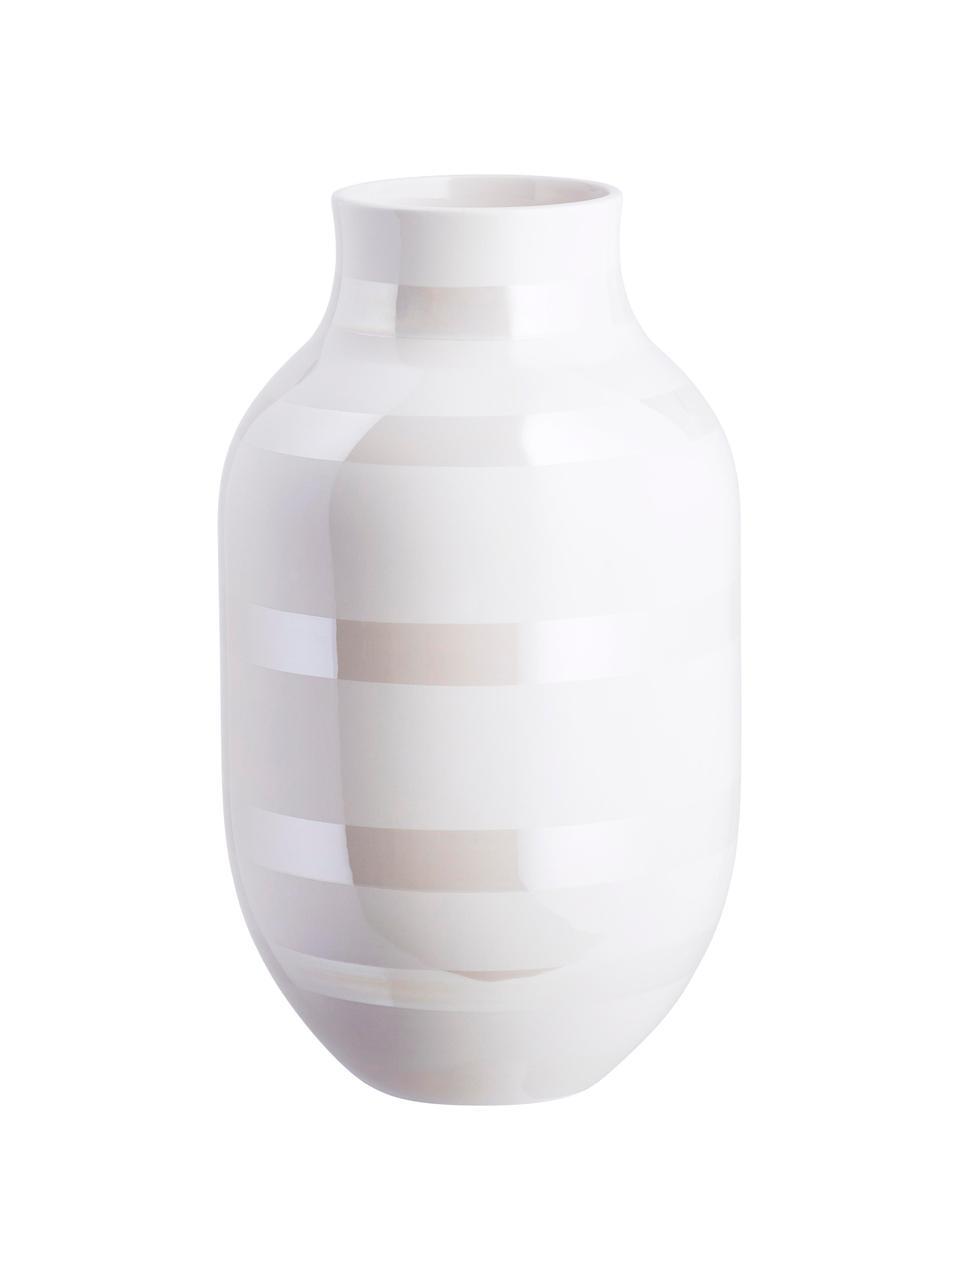 Vaso di design fatto a mano Omaggio, Ceramica, Bianco, madreperla, Ø 20 x Alt.31 cm